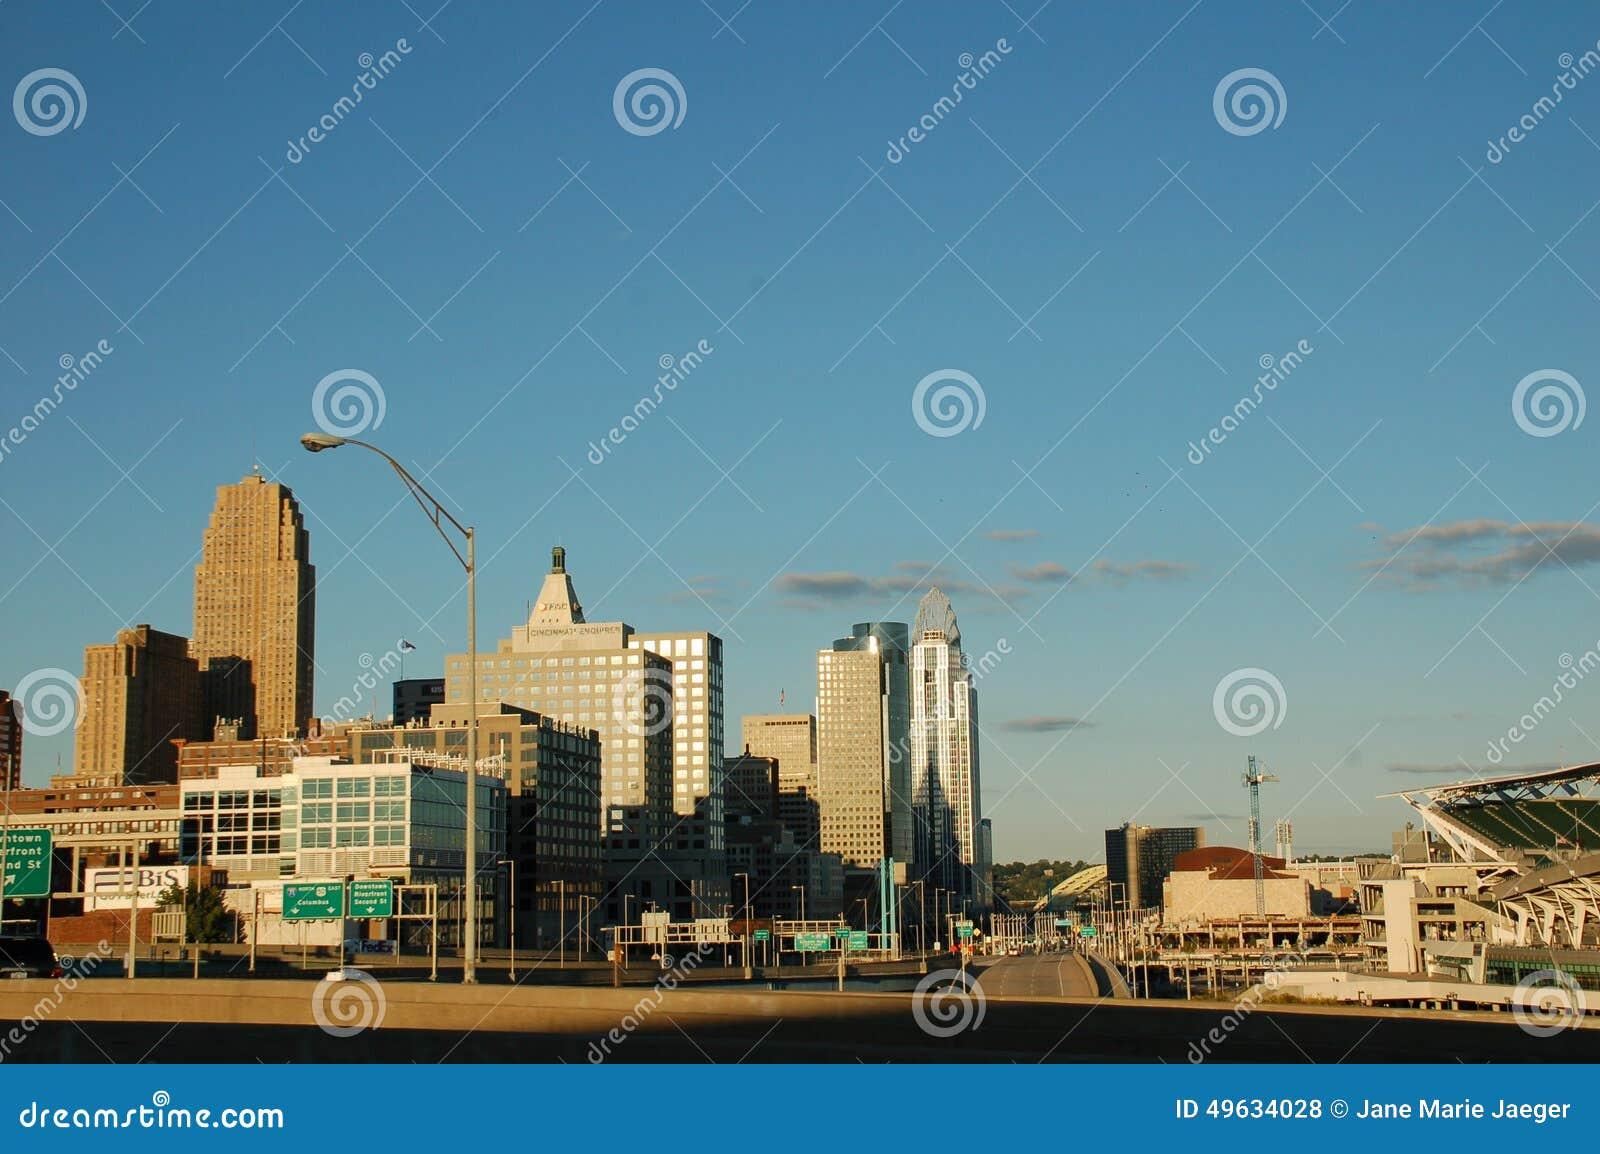 Conservatief Cincinnati